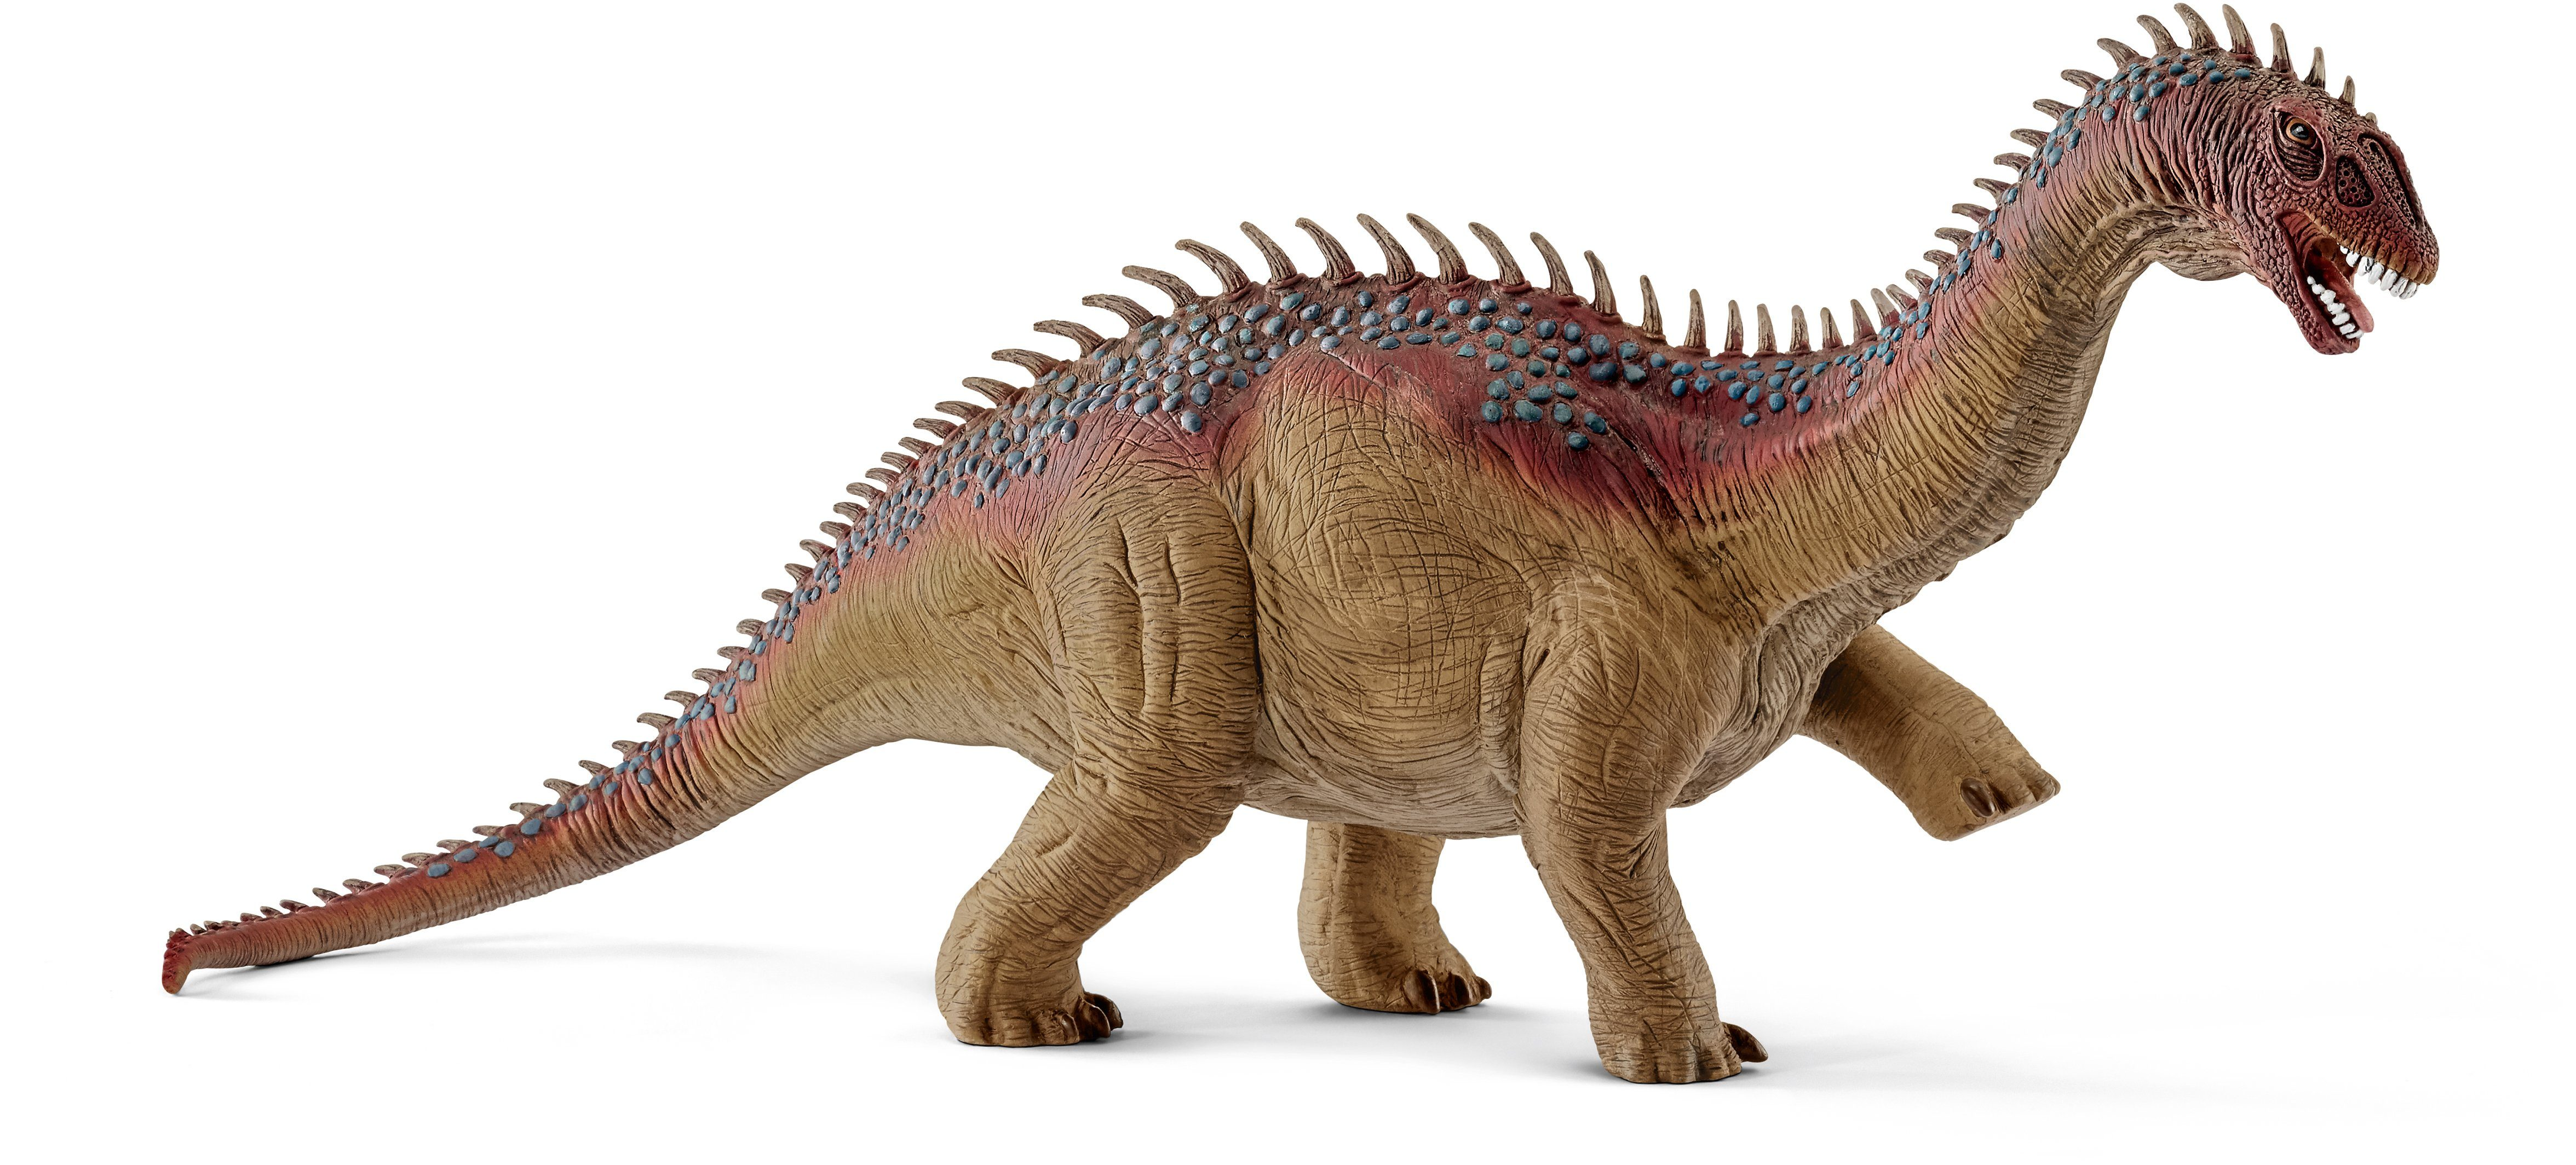 Schleich® Spielfigur (14574), »Dinosaurs, Barapasaurus«